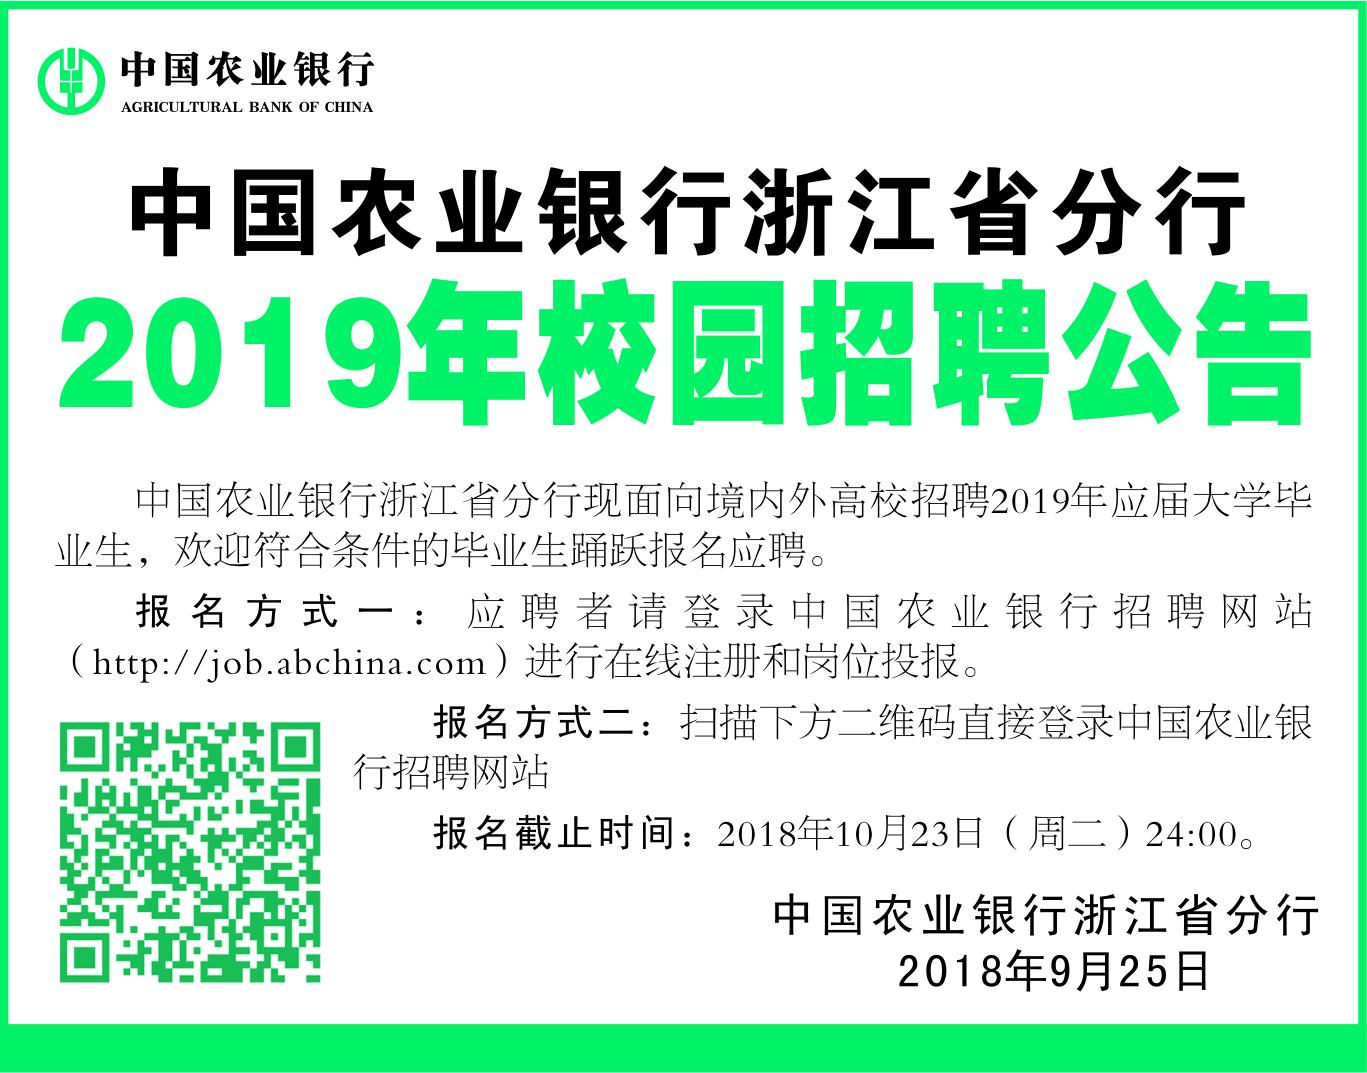 中国农业银行丽水分行2019年校园招聘公告